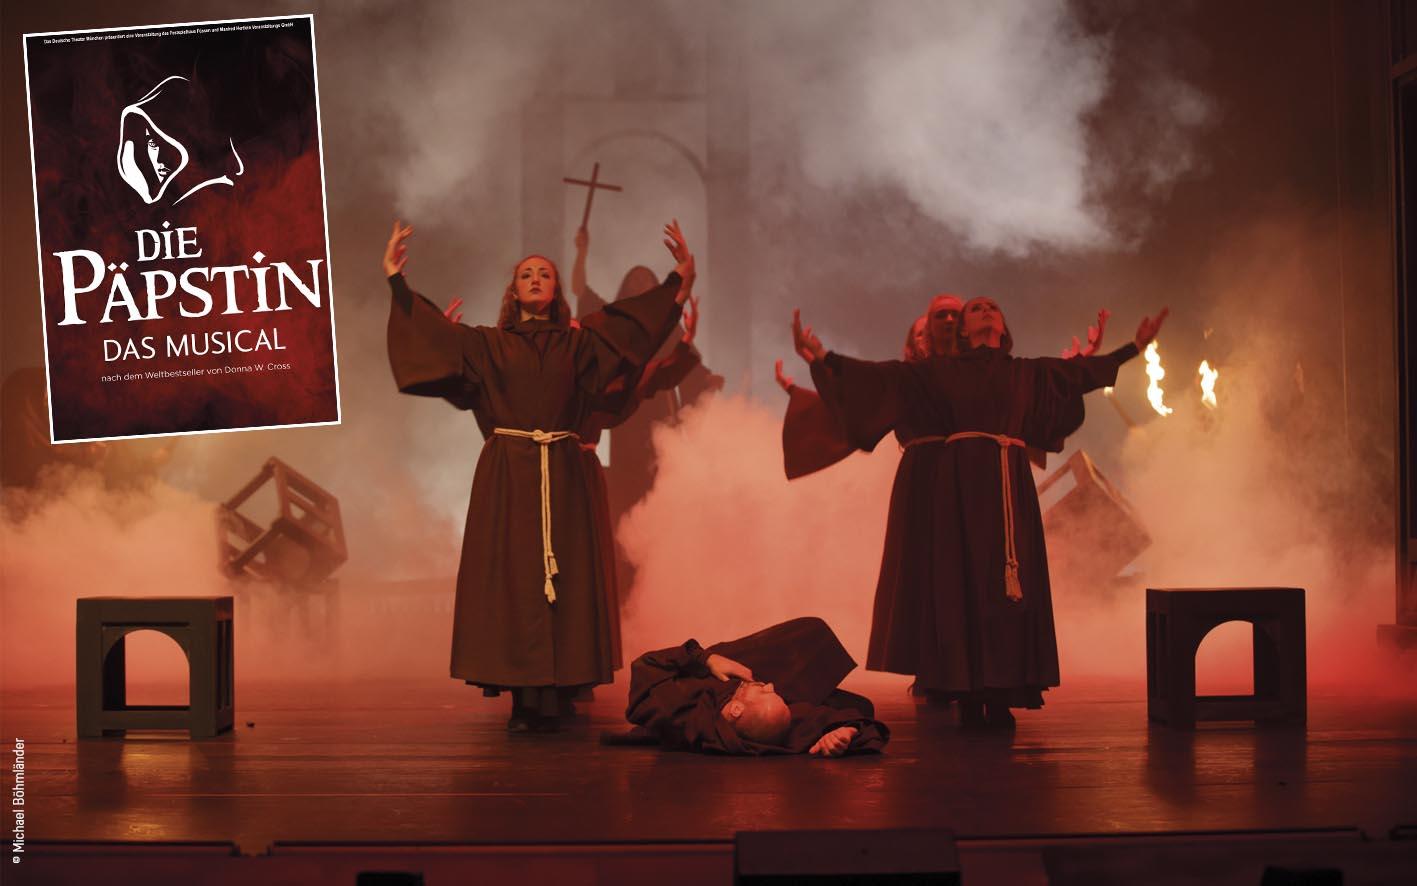 Sieghart Reisen Ferienstar Die Papstin Das Musical